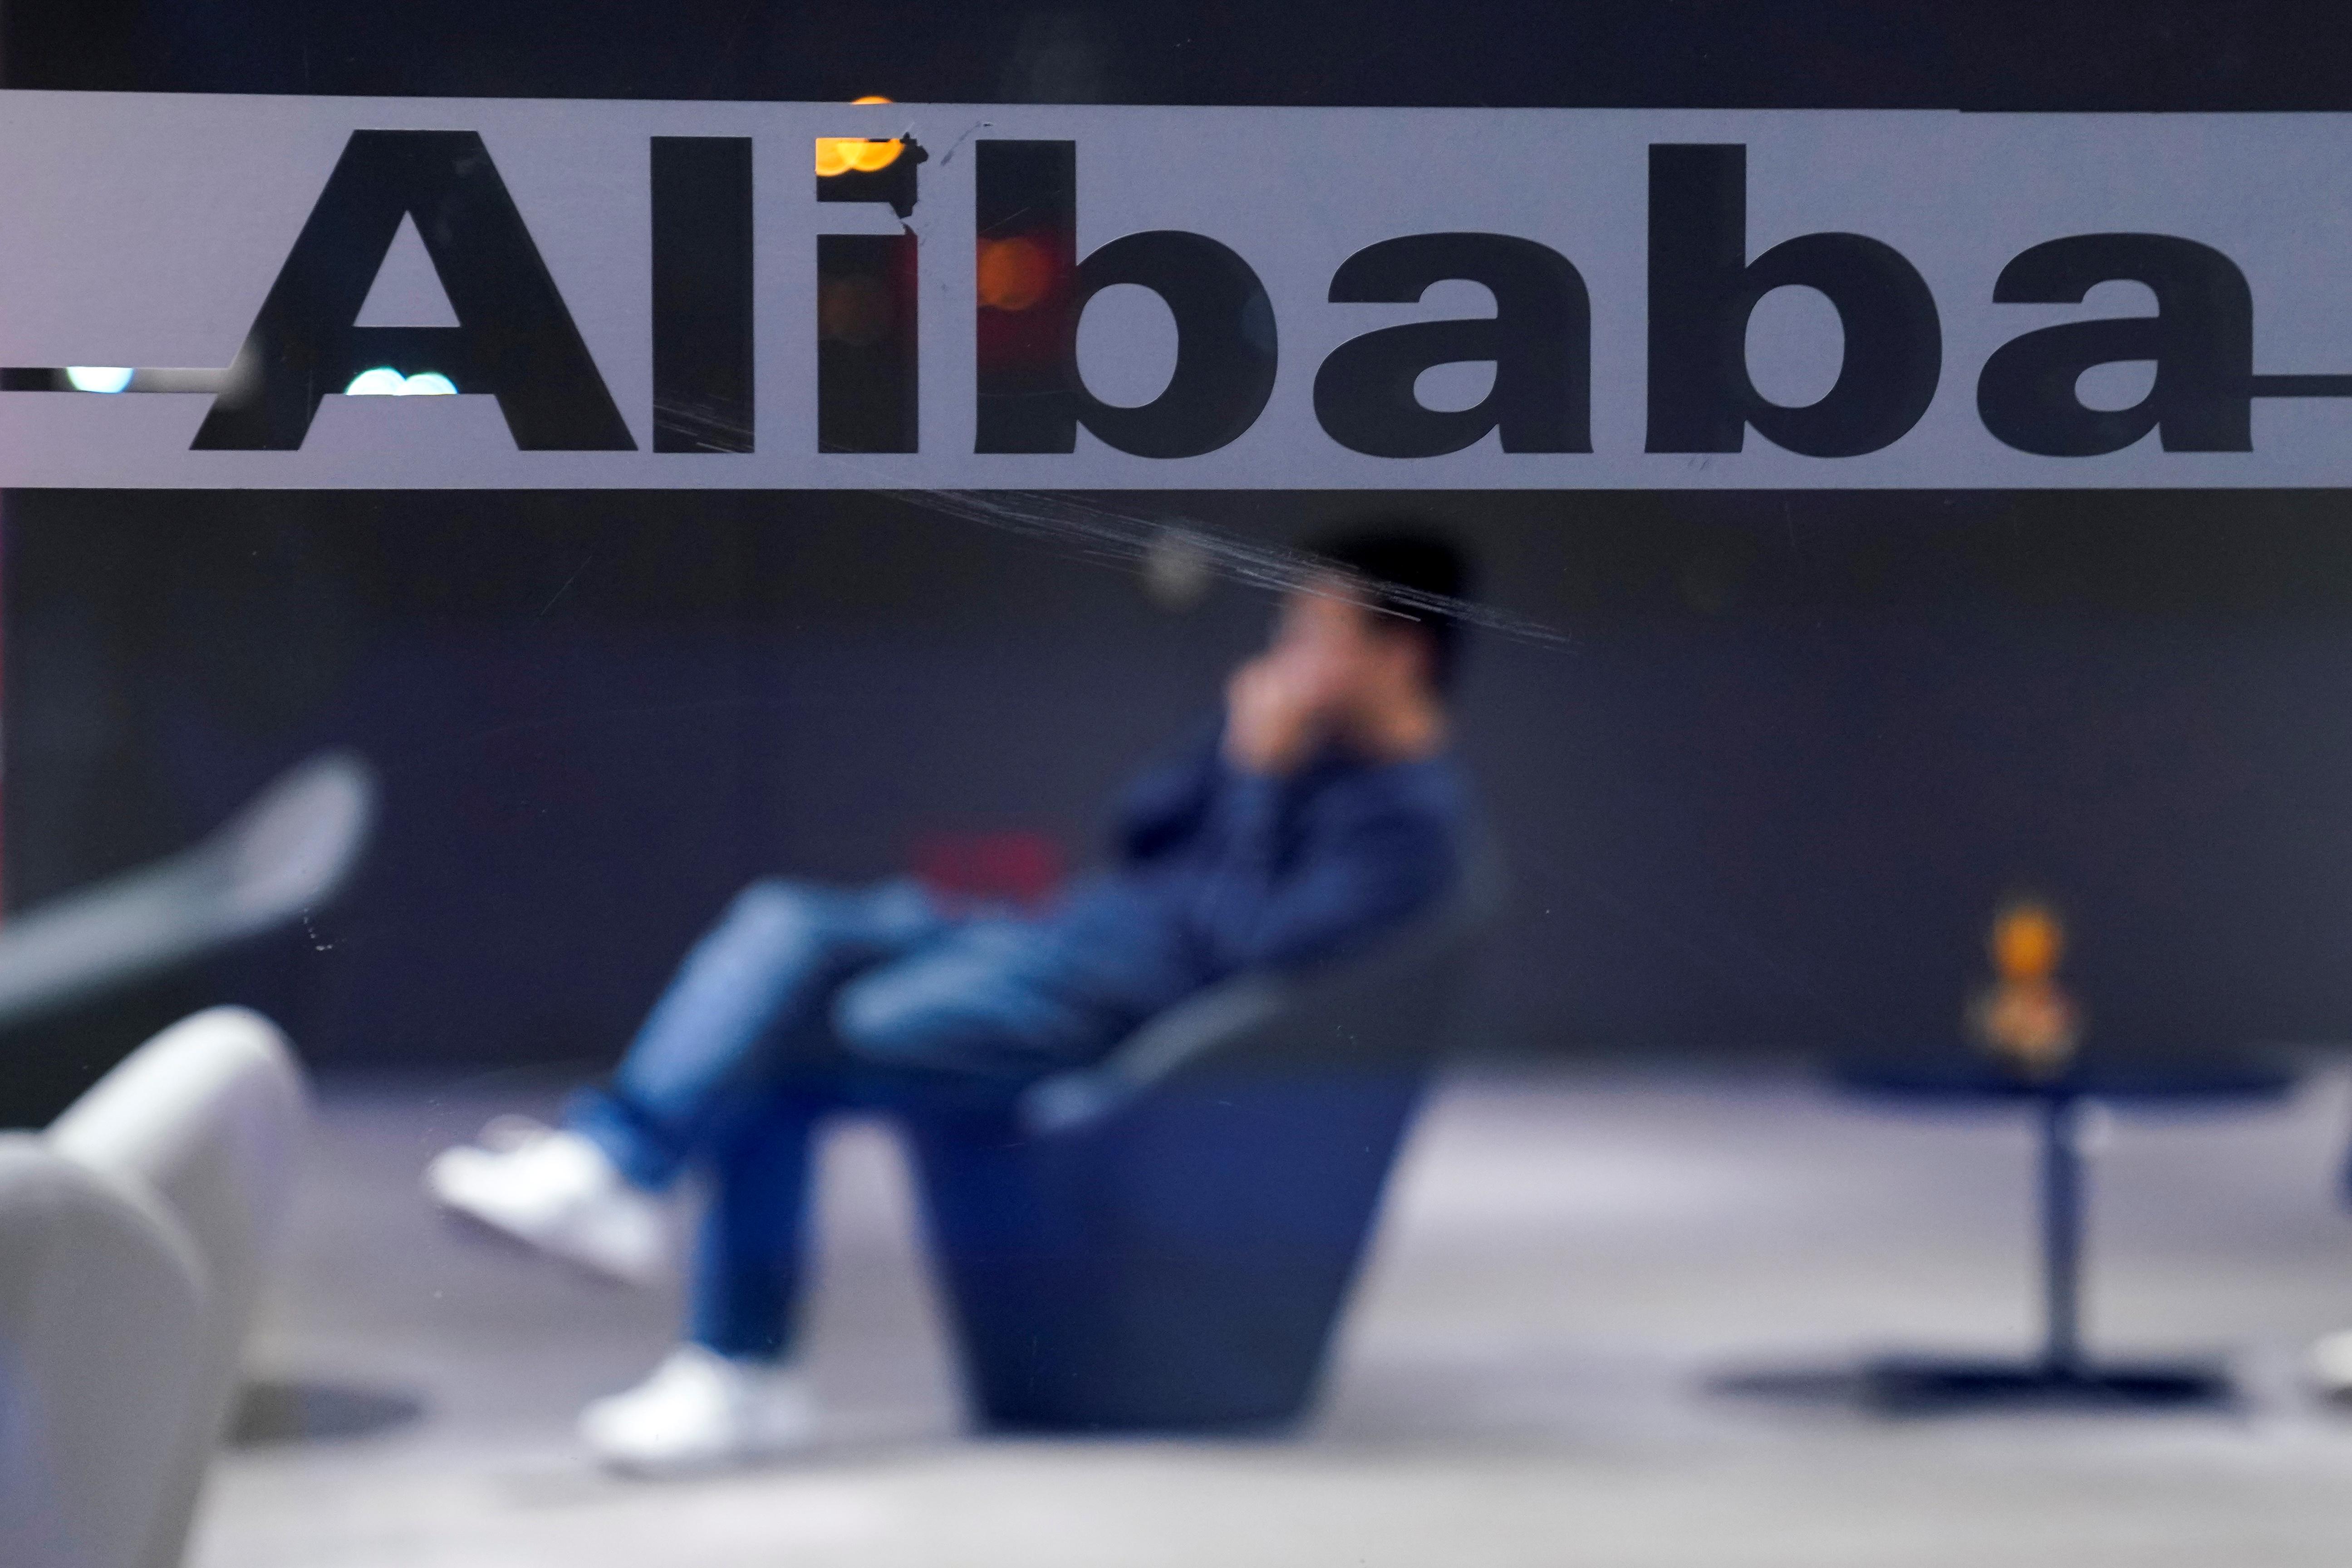 В Alibaba отказались от должностей для повышения продуктивности